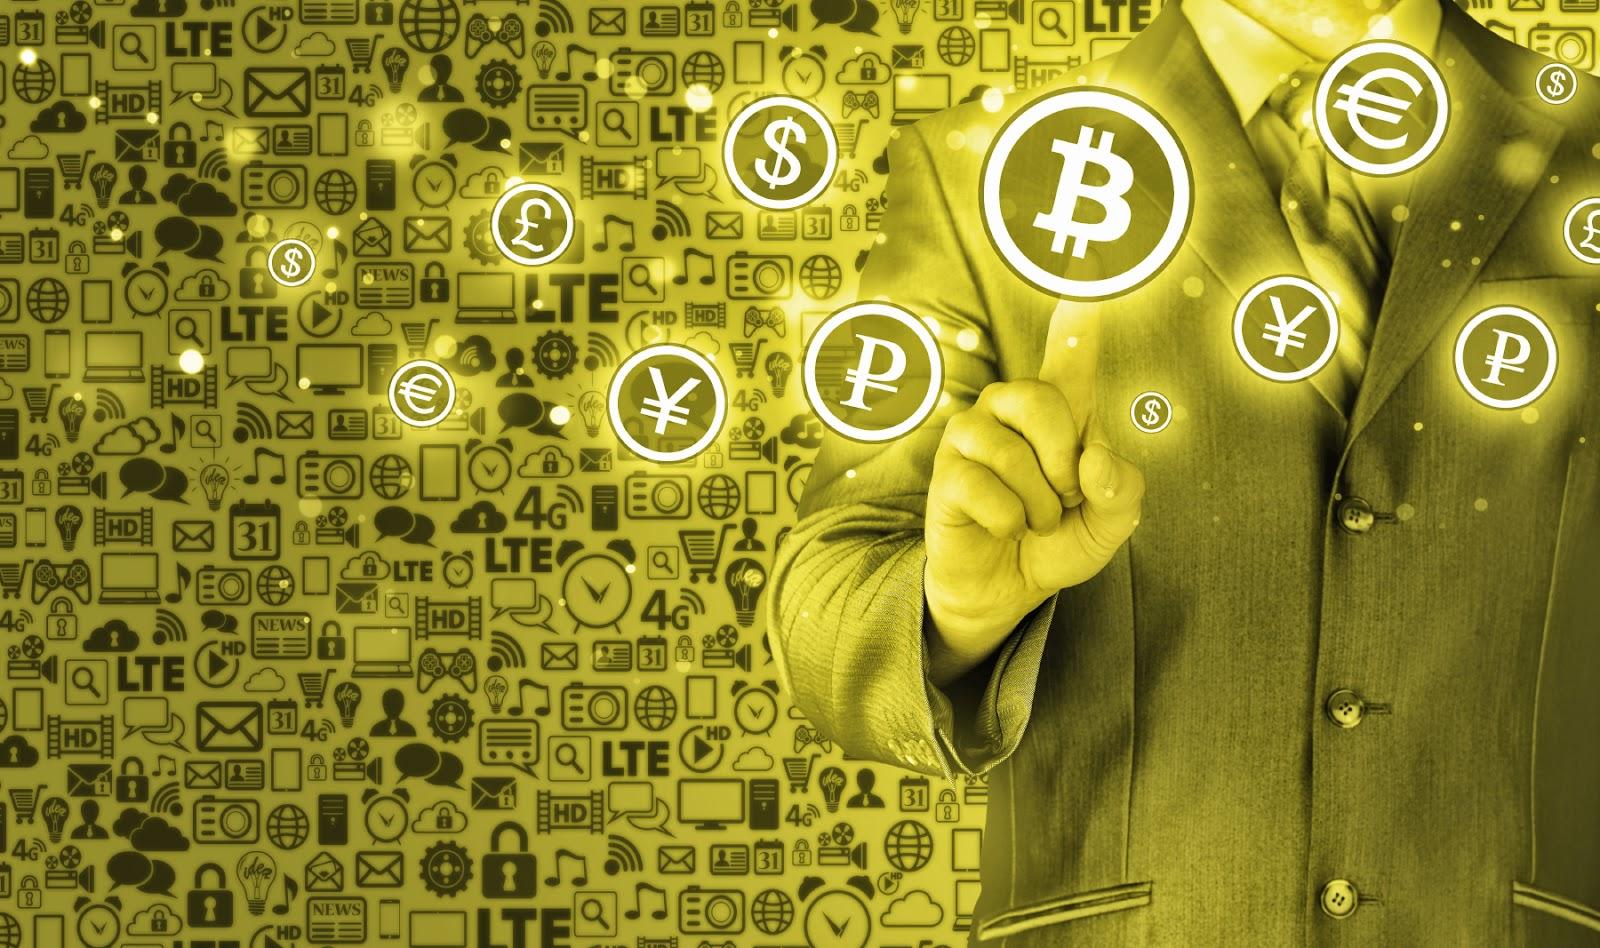 Почему криптовалюту выгодно обменивать именно на сайтах-обменниках криптовалют?